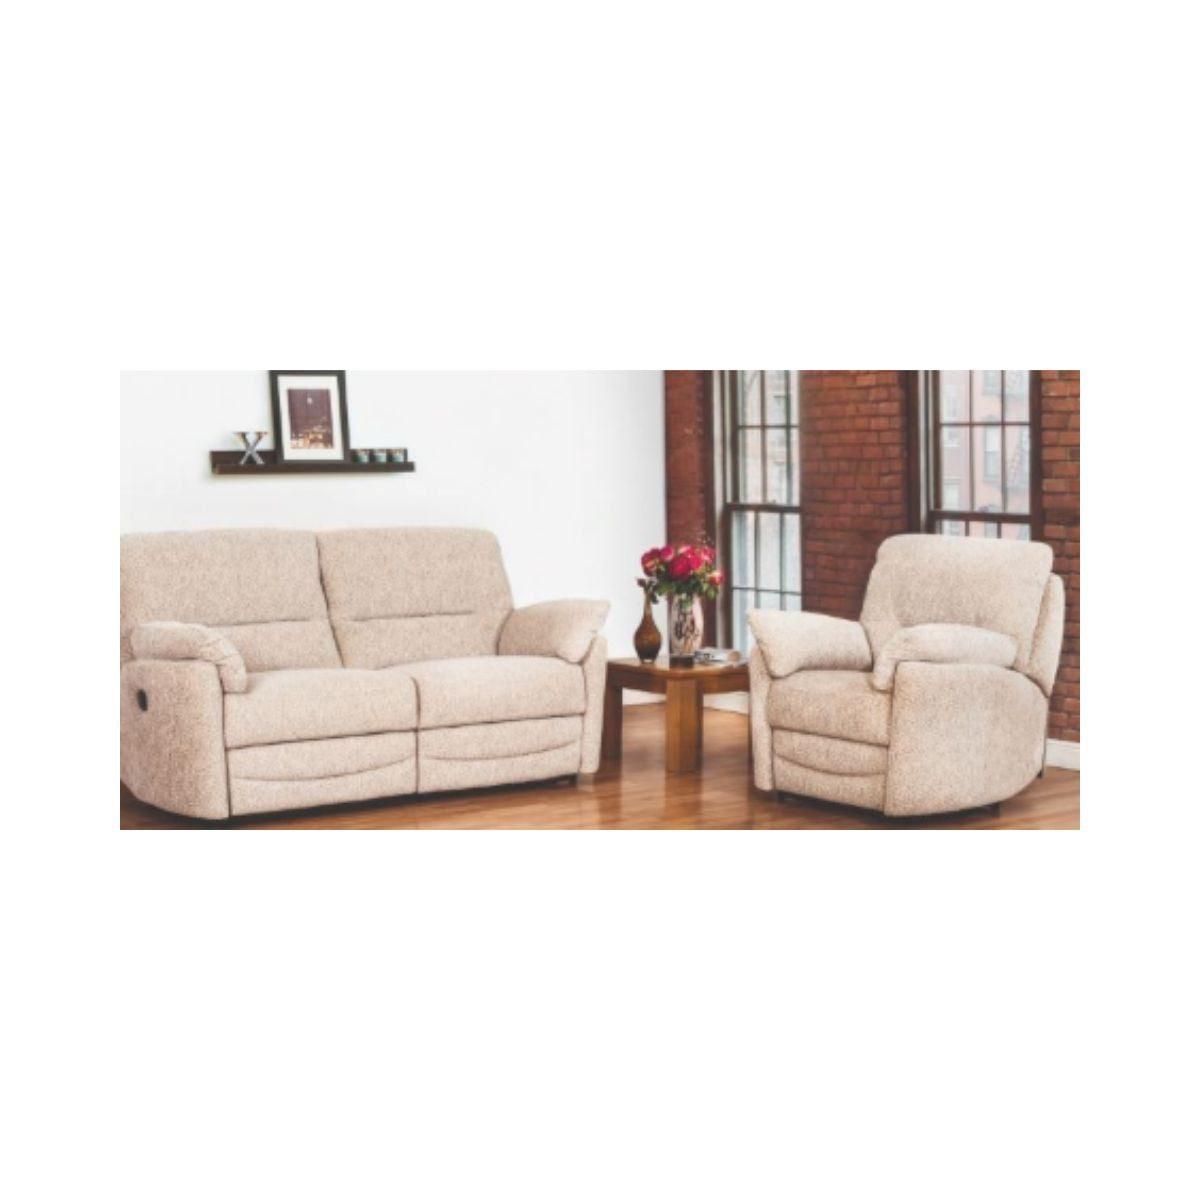 Marshall Fabric Corner Recliner Sofa